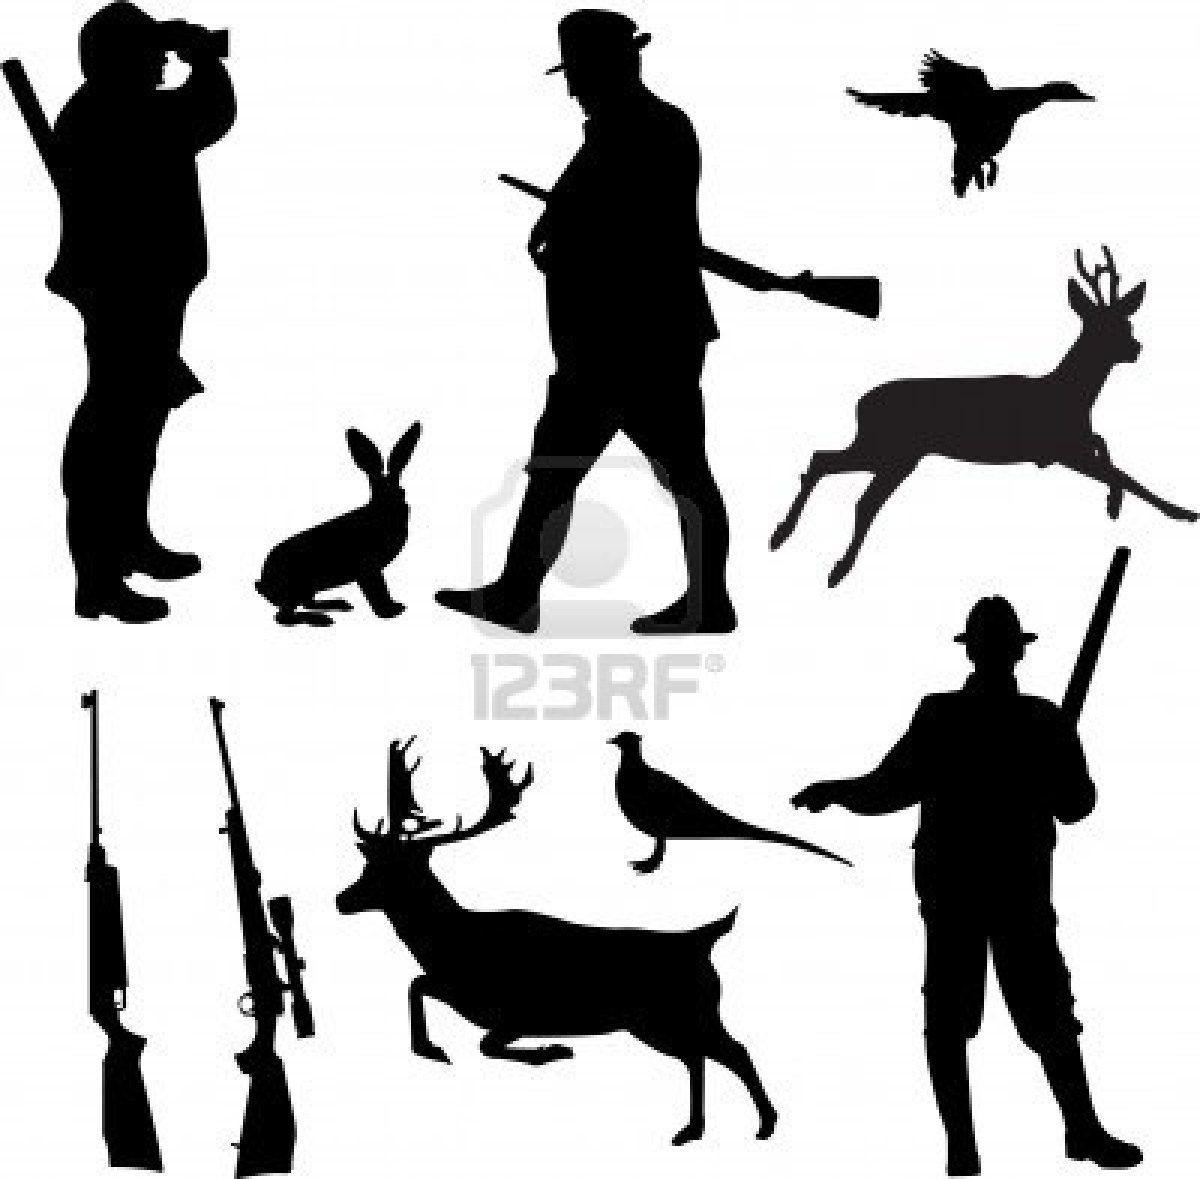 Fast Food Funny Deer Hunting SVG File, SVG File for Hunter